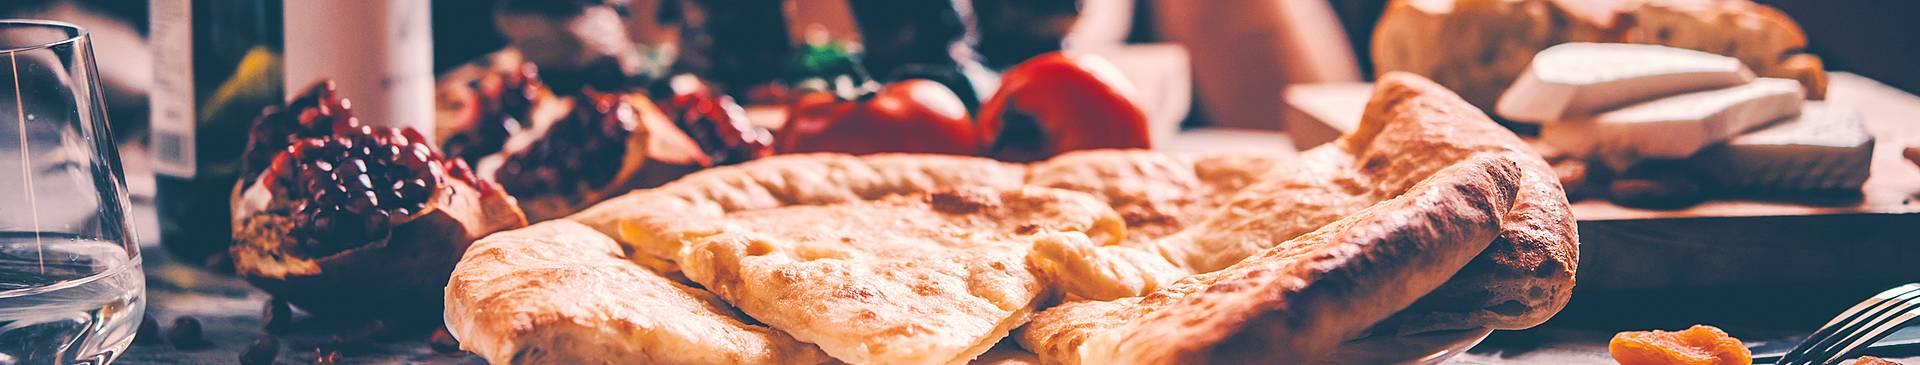 Rutas gastronómicas y enológicas por Georgia